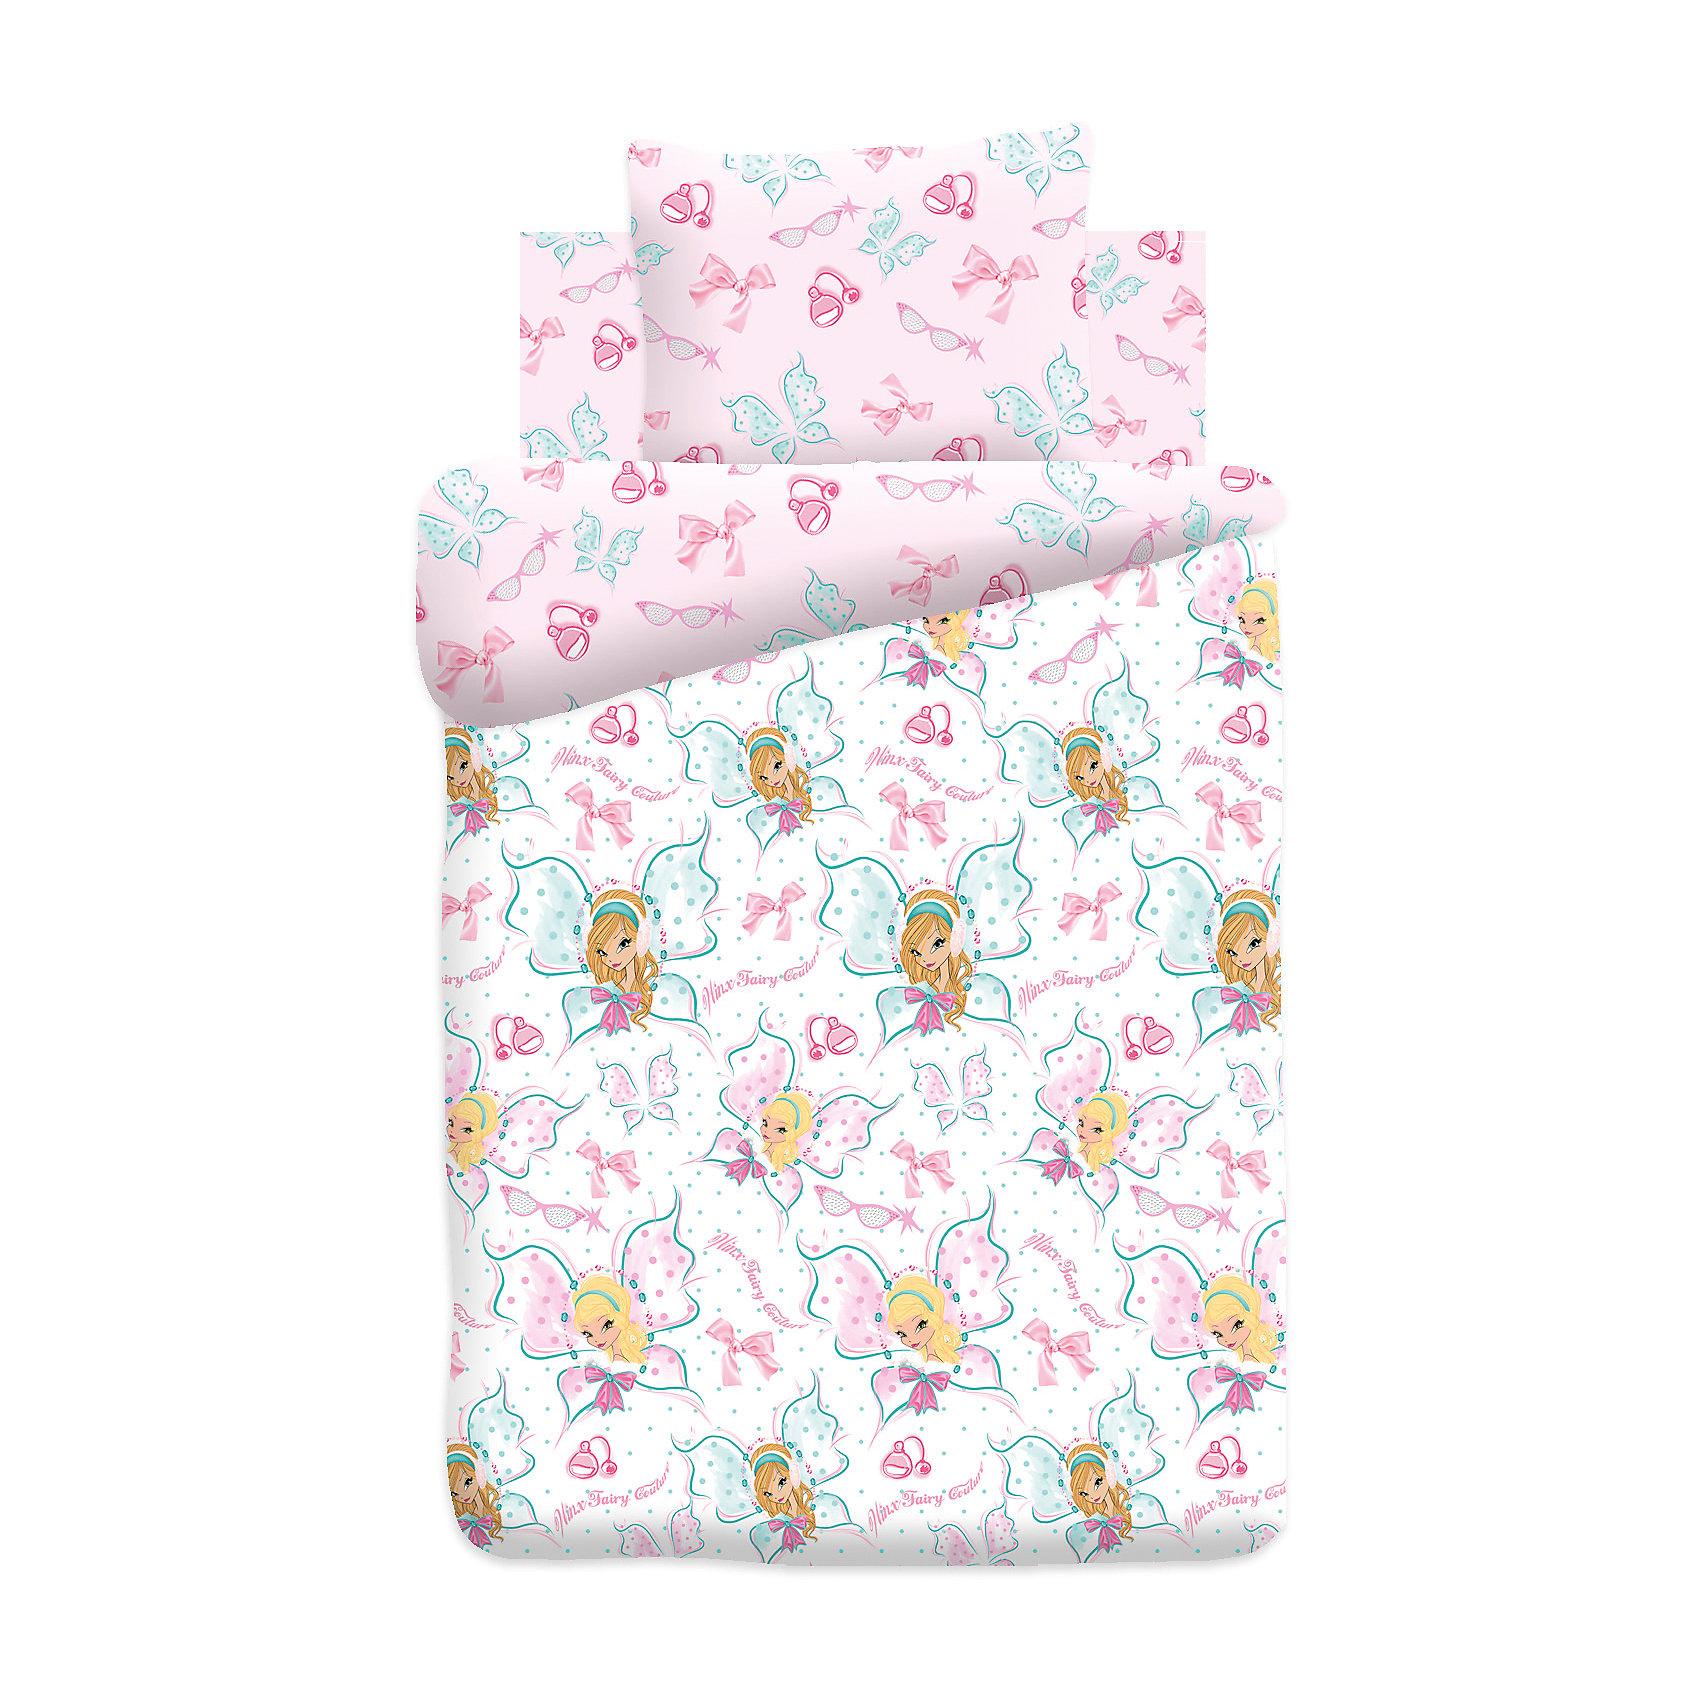 Комплект Winx Fairy Couture, Butterfly, поплинКомплект Butterfly, поплин от бренда Winx Fairy Couture <br><br>Этот комплект постельного белья создан специально для современных девочек. На нем изображены любимые девчонками феи Winx. Смотрится очень эффектно! Яркие цвета обеспечат девочкам настрой на яркие волшебные сны.<br>Комплект сшит из натурального хлопка. Этот материал не вызывает аллергии и раздражения, позволяет коже дышать, обеспечивает комфорт во время сна, легко стирается. Размеры всех предметов - стандартные для полутораспального комплекта, отлично подойдут для детской кровати и спальных принадлежностей.<br><br>Особенности комплекта:<br><br>пододеяльник: 143*215 см (1 шт.);<br>простыня: 150*214 см (1 шт.);<br>наволочка: 70*70 см (1шт.)<br>ткань: поплин (100% хлопок).<br><br>Комплект Butterfly, поплин от бренда Winx Fairy Couture можно купить в нашем магазине<br><br>Ширина мм: 250<br>Глубина мм: 350<br>Высота мм: 70<br>Вес г: 1150<br>Возраст от месяцев: 36<br>Возраст до месяцев: 144<br>Пол: Унисекс<br>Возраст: Детский<br>SKU: 4660087